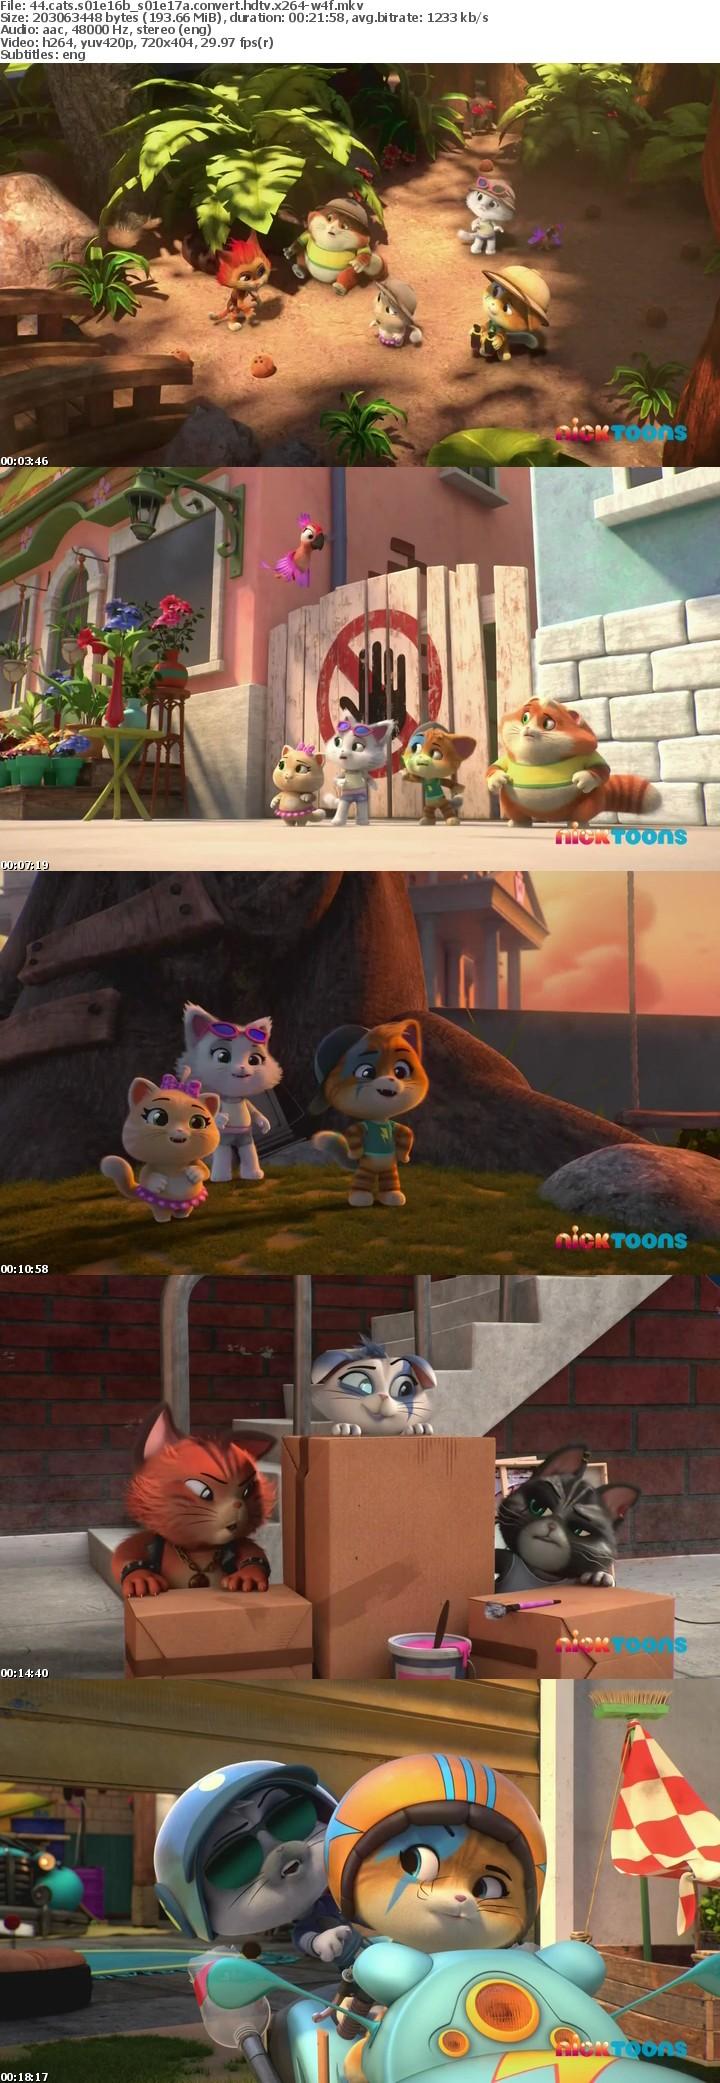 44 Cats S01E16b S01E17a CONVERT HDTV x264-W4F